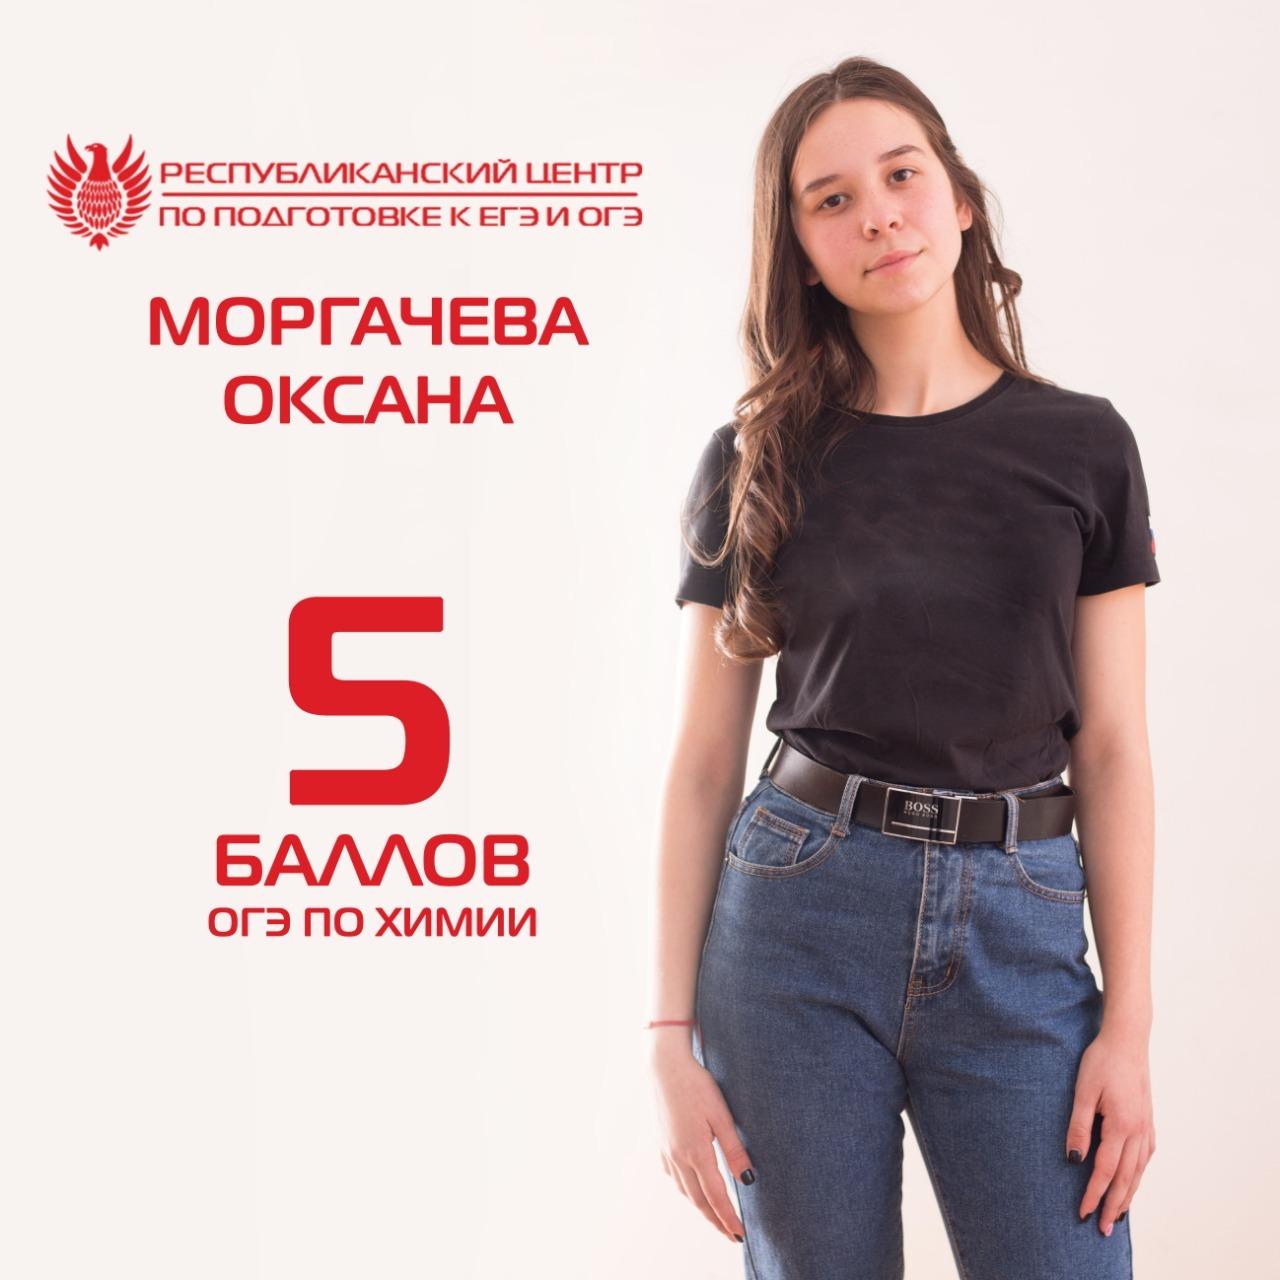 morgacheva-oksana